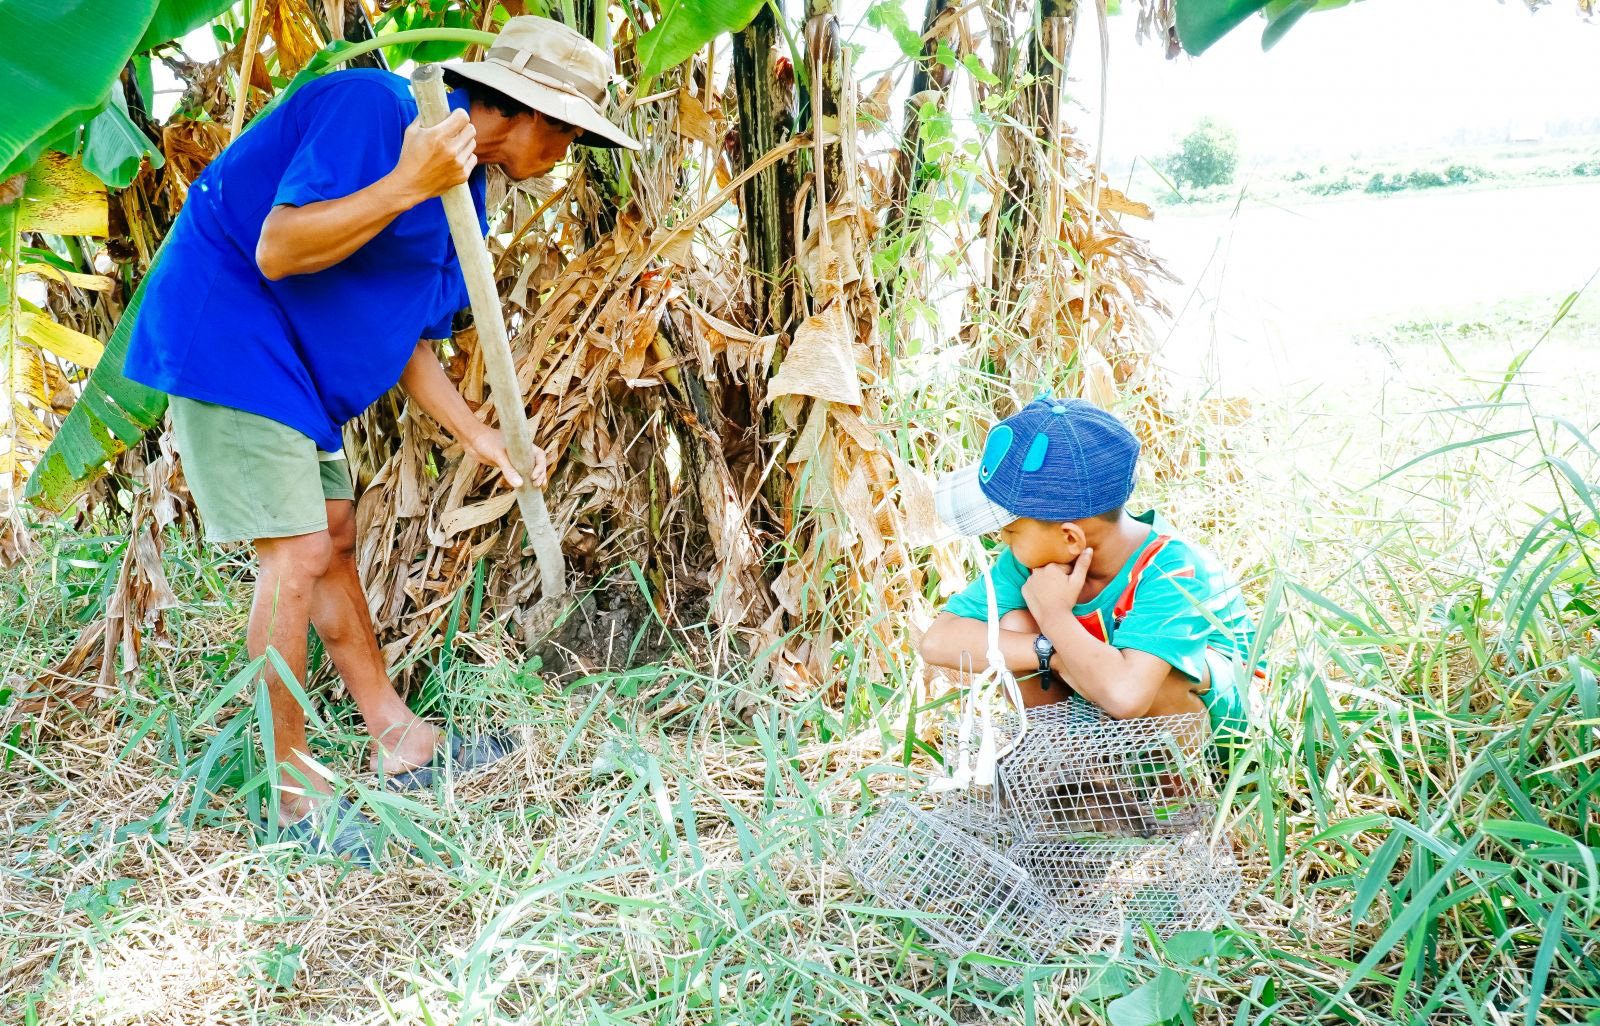 """Theo chân cha con anh Chuột săn bắt chuột trên """"Đồng Chó Ngáp"""" - Ảnh 3."""